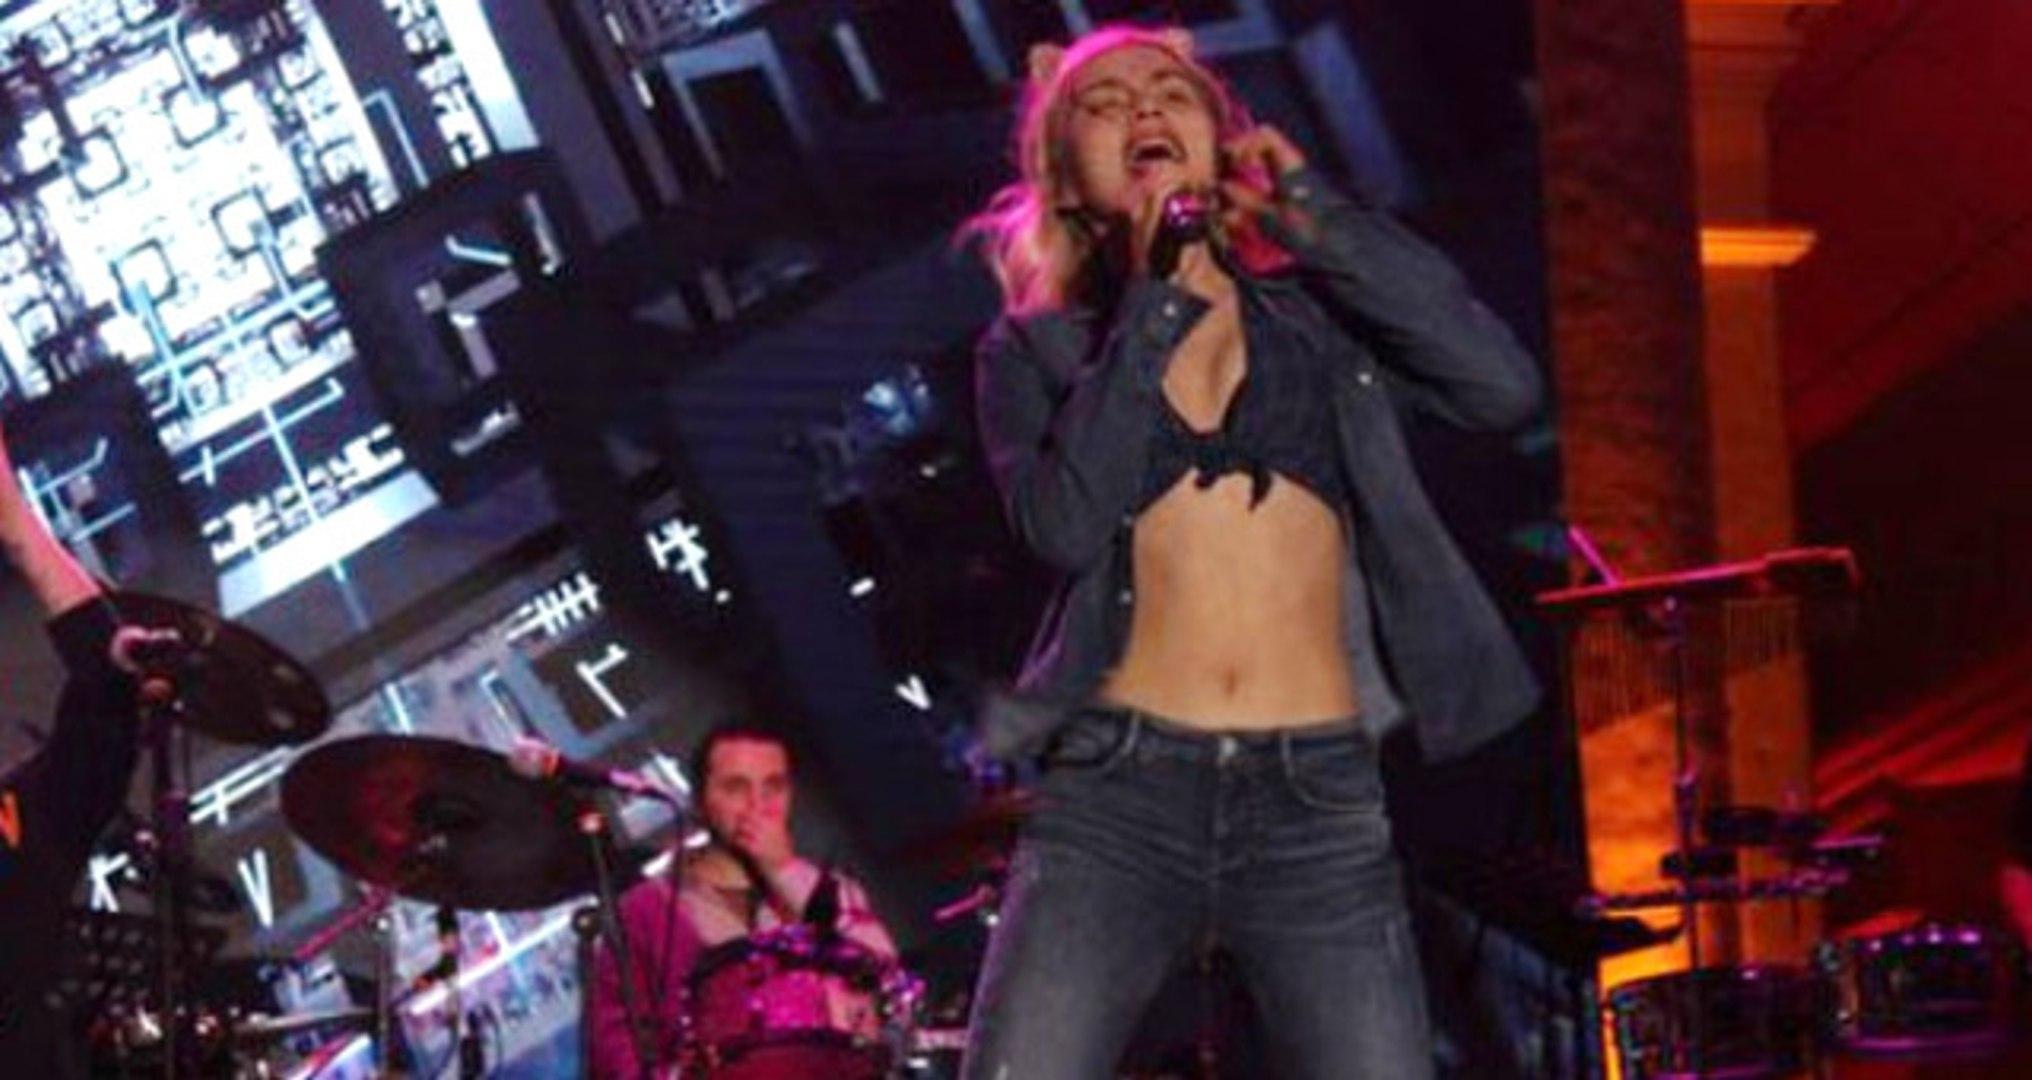 29 Ekim'de Konser Veren Aleyna Tilki, Sahnede Ülkesine Olan Hayranlığını Haykırdı